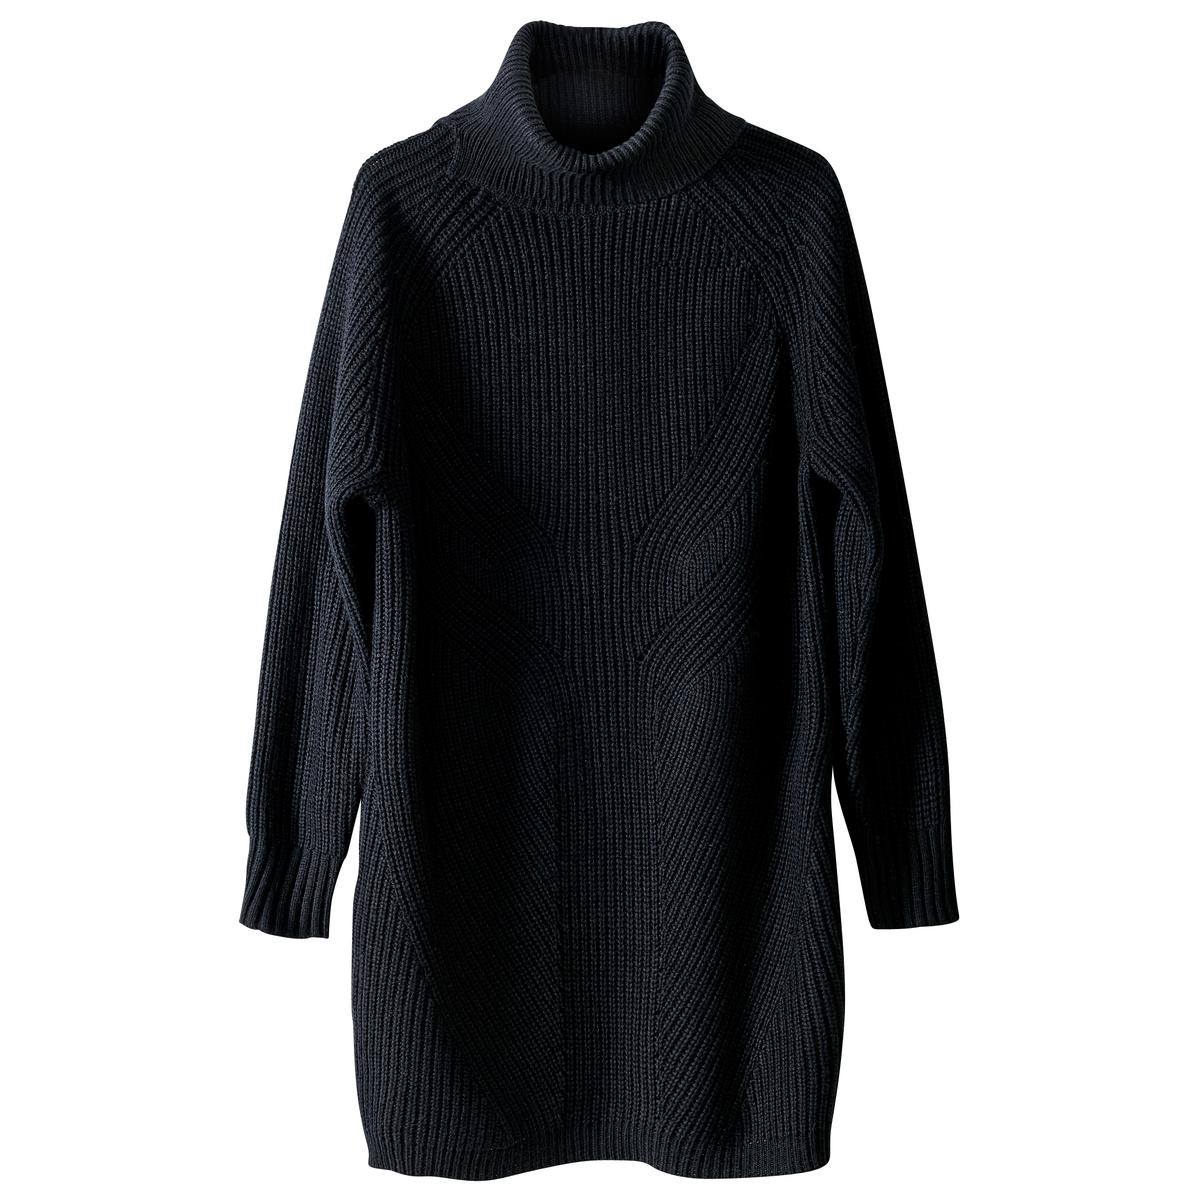 Платье-пуловер с воротником из шерсти и альпакиОписание:Детали •  Форма : платье-пуловер •  Укороченная модель •  Длинные рукава    •  Воротник с отворотомСостав и уход •  22% шерсти, 33% акрила, 5% альпаки, 40%  полиамида •  Температура стирки при 30° на деликатном режиме   •  Сухая чистка и отбеливание запрещены •  Не использовать барабанную сушку •  Не гладить •  Длина  : 80 см<br><br>Цвет: серый меланж,черный<br>Размер: XXL.L.M.XXL.L.XL